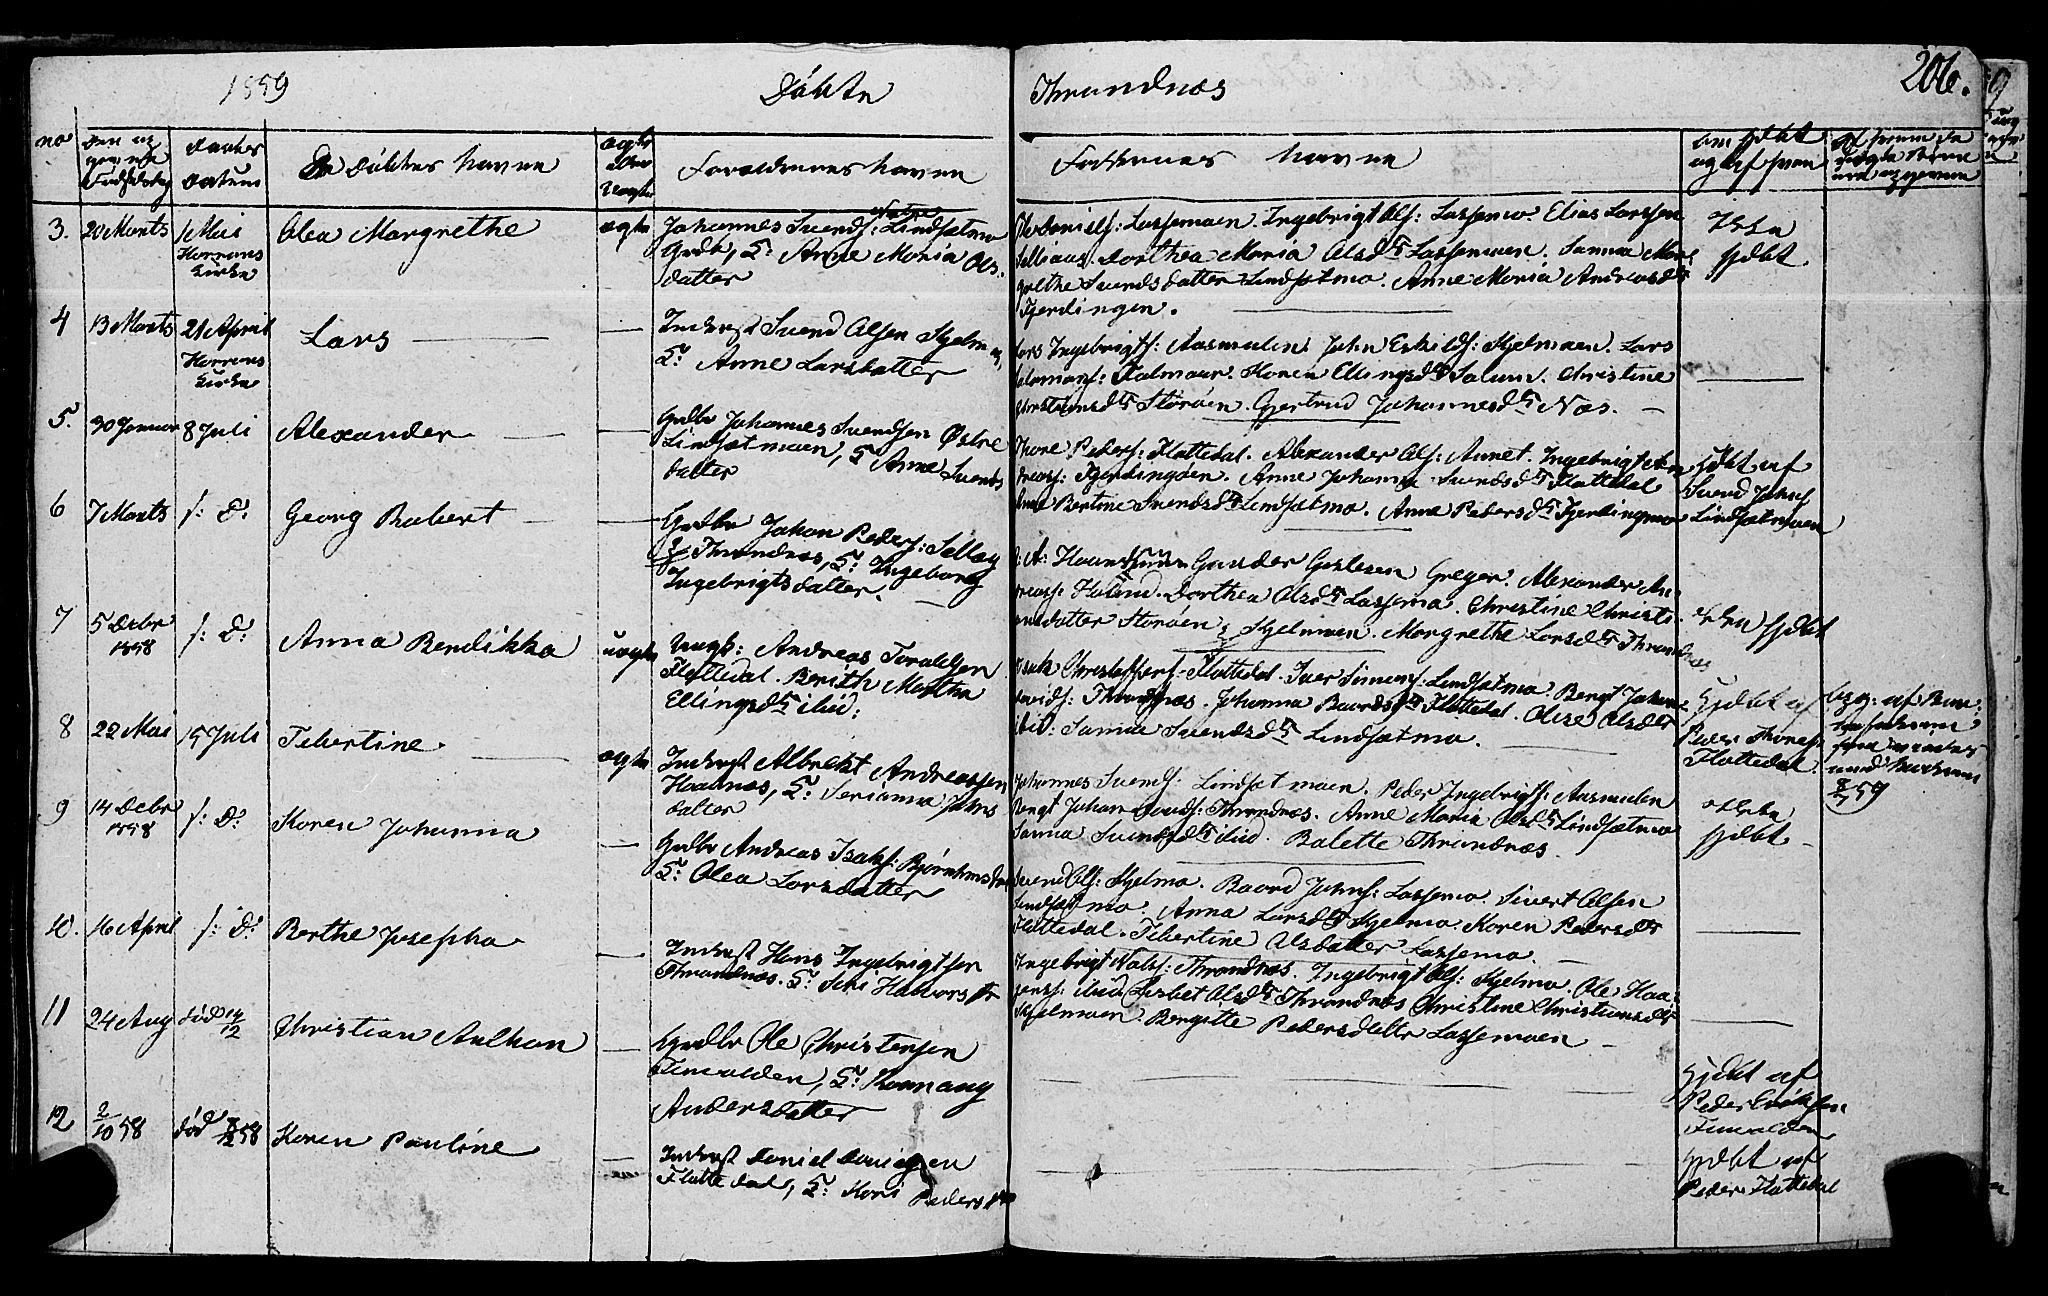 SAT, Ministerialprotokoller, klokkerbøker og fødselsregistre - Nord-Trøndelag, 762/L0538: Ministerialbok nr. 762A02 /2, 1833-1879, s. 206